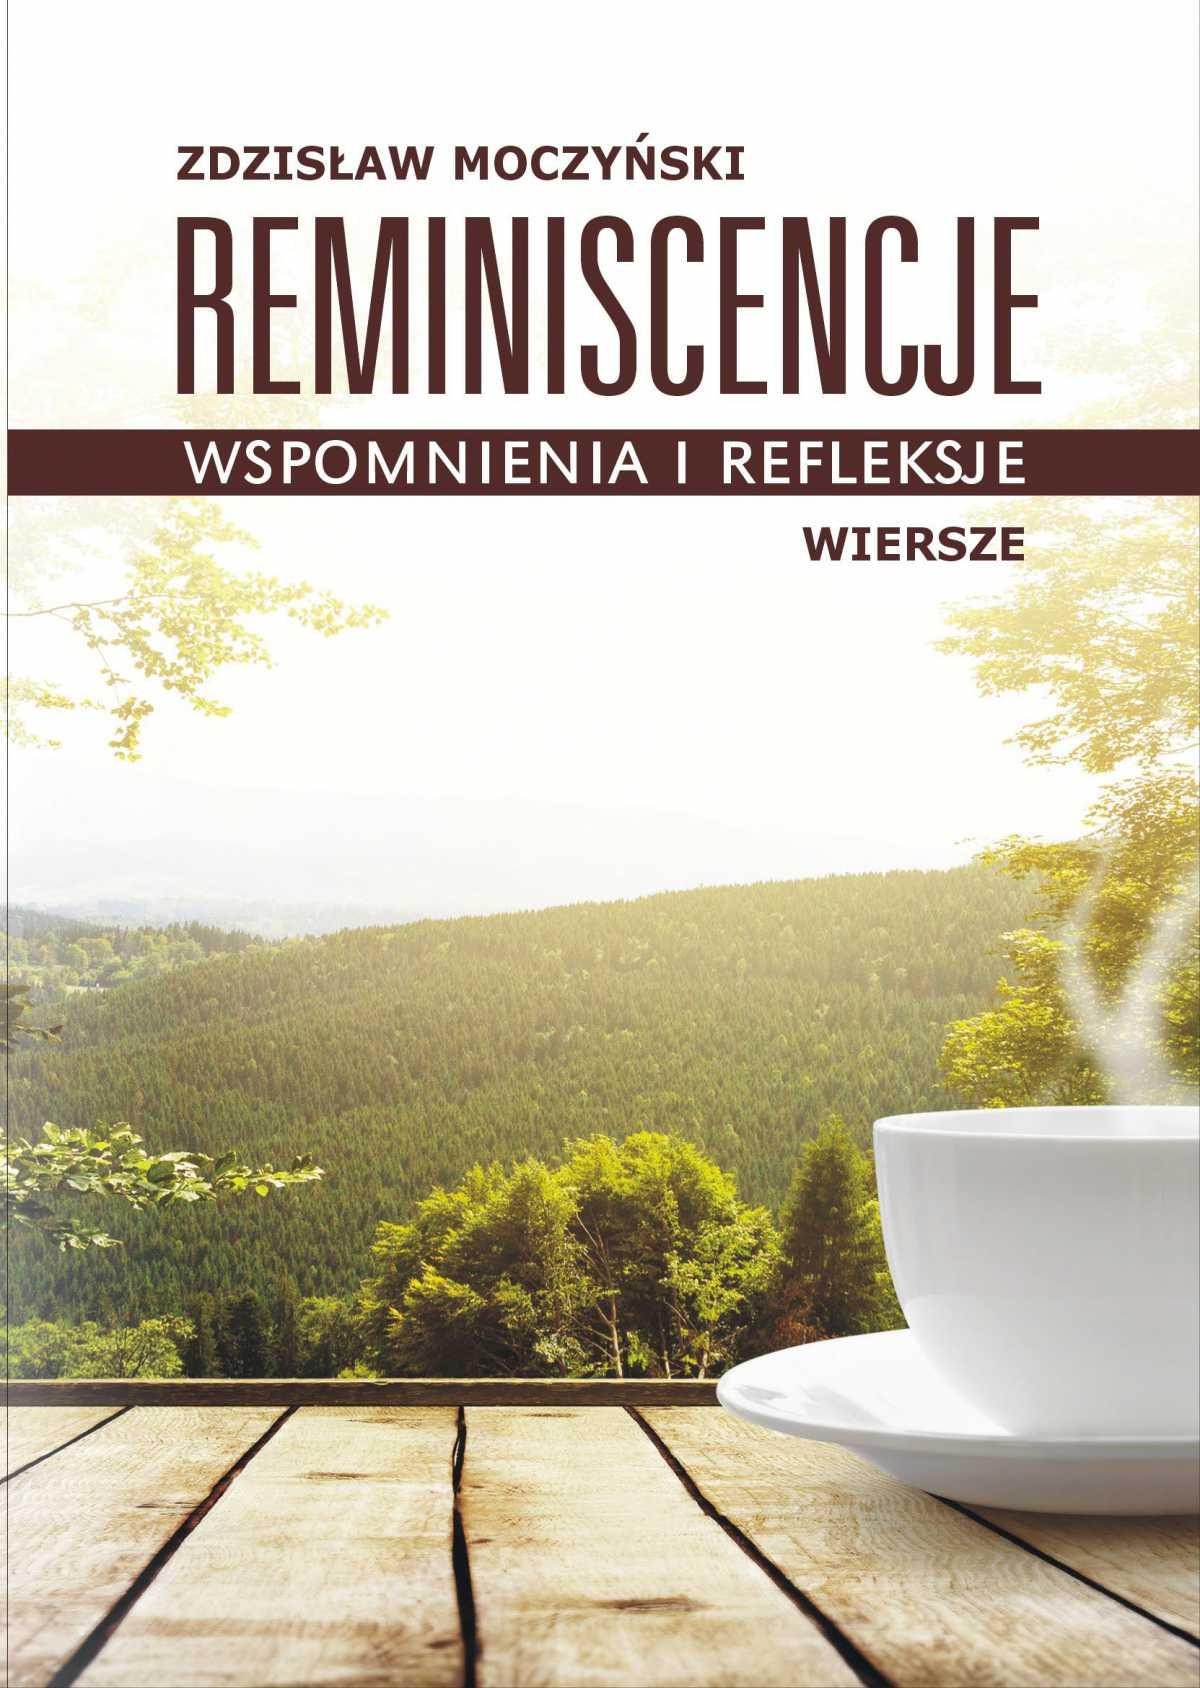 Reminiscencje – wspomnienia i refleksje - Ebook (Książka EPUB) do pobrania w formacie EPUB